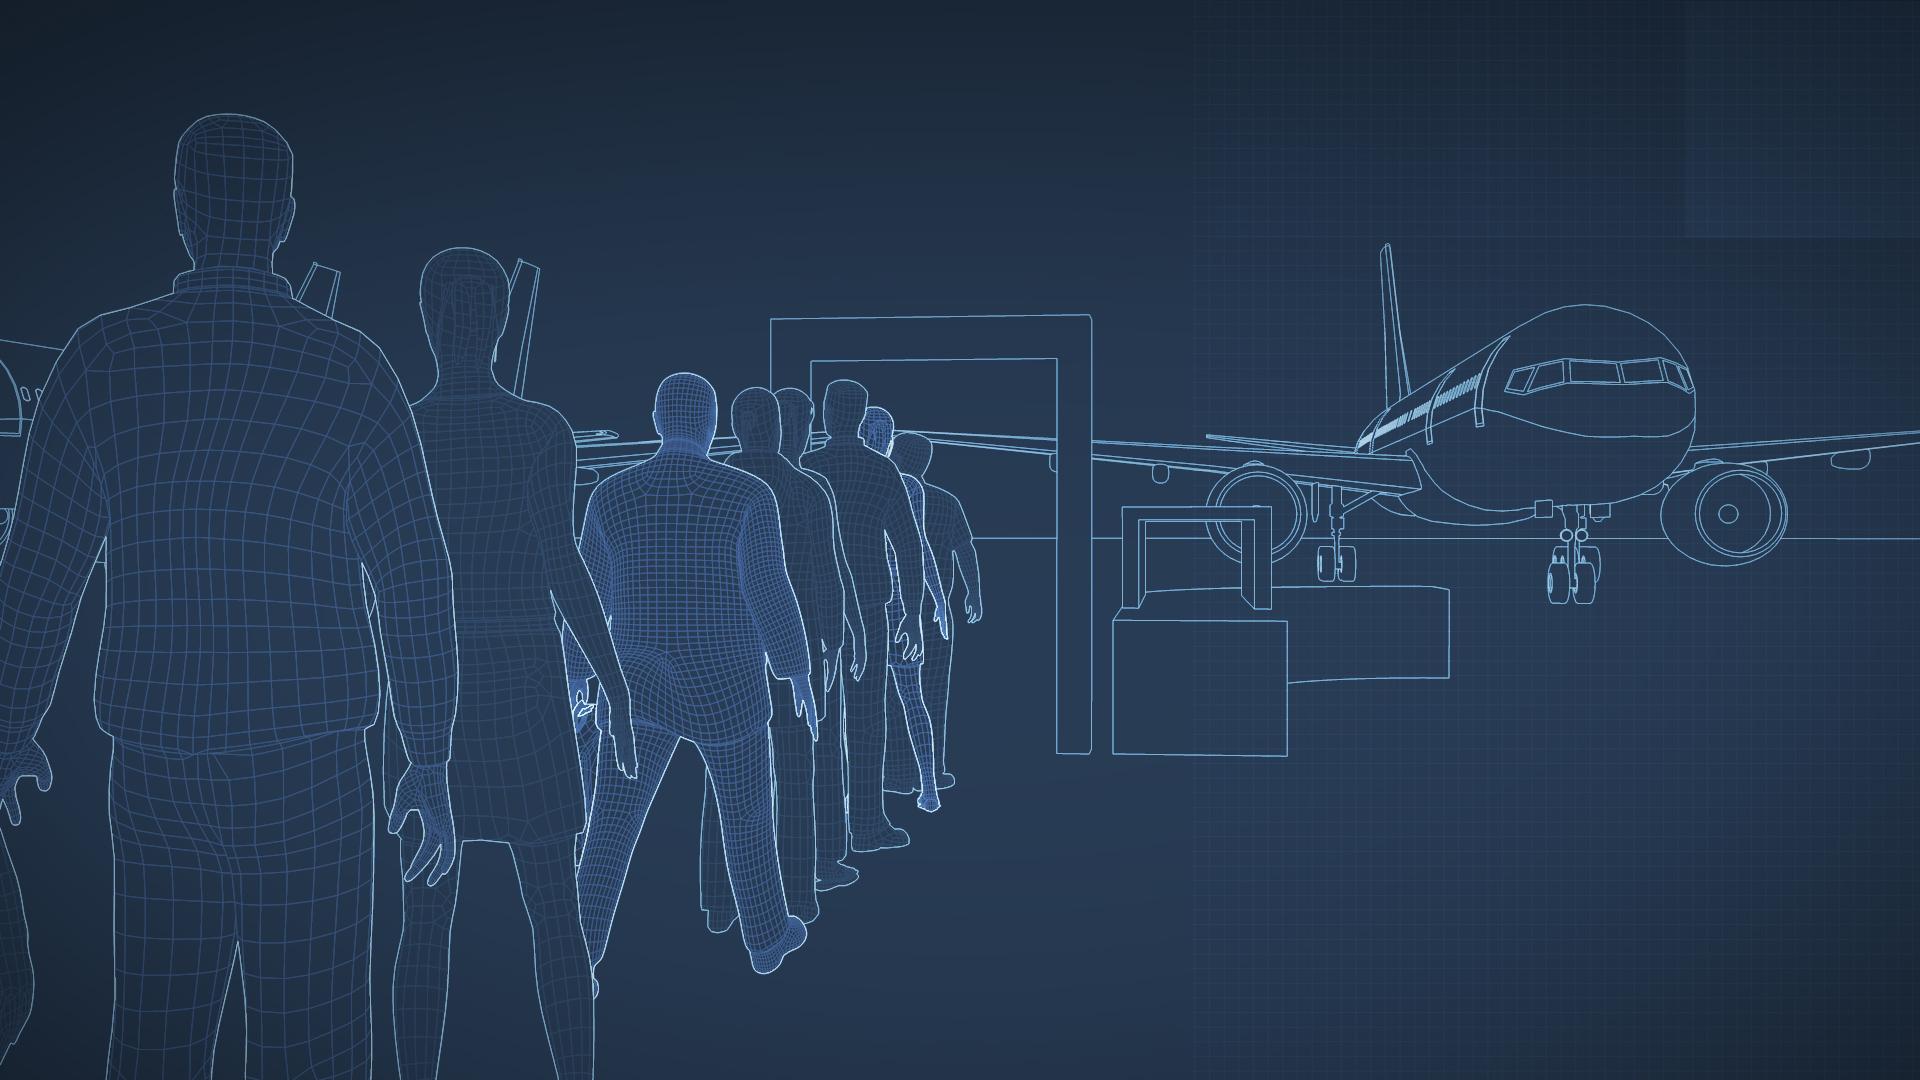 3e-gfxv-airports-one-03-0-00-08-08